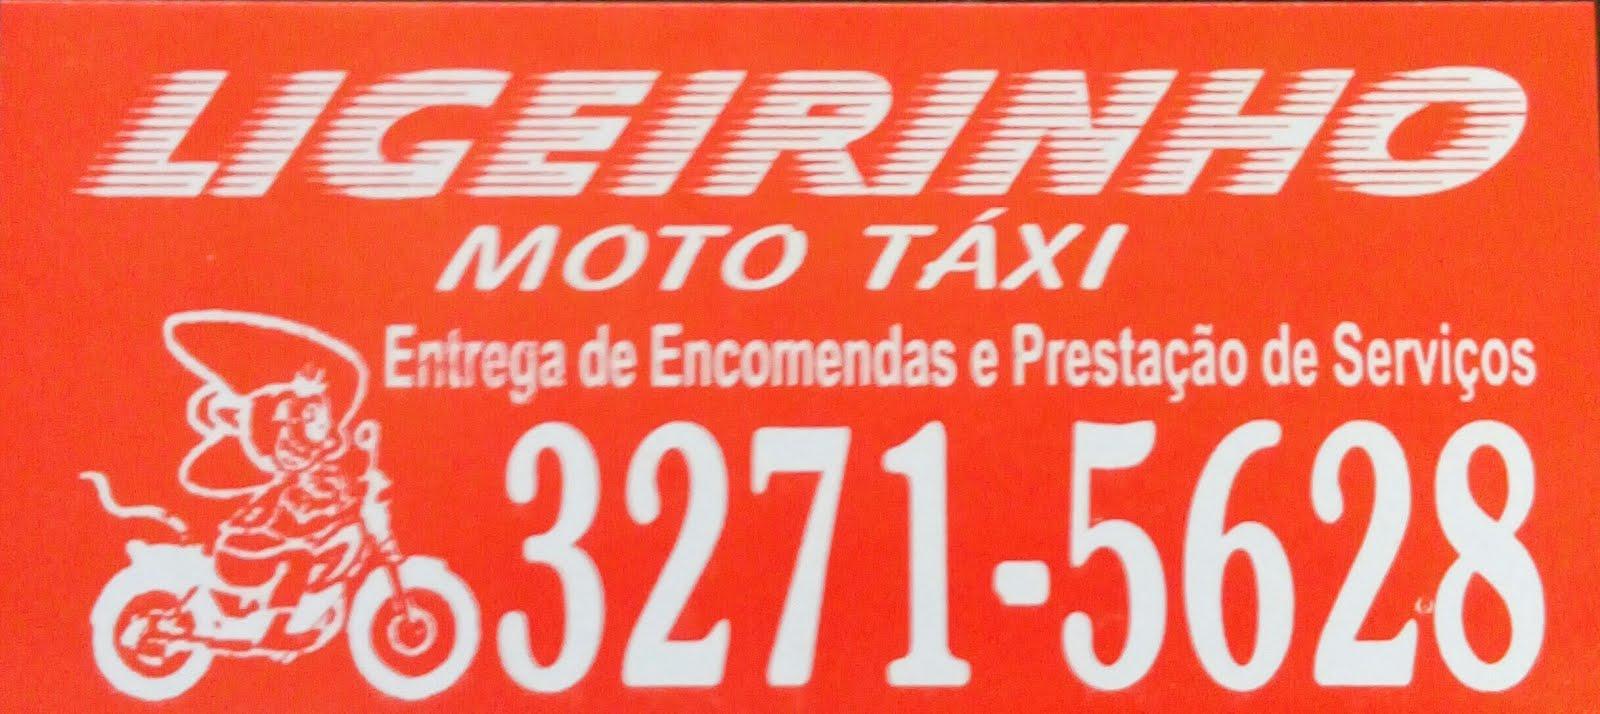 Ligeirinho Moto Táxi